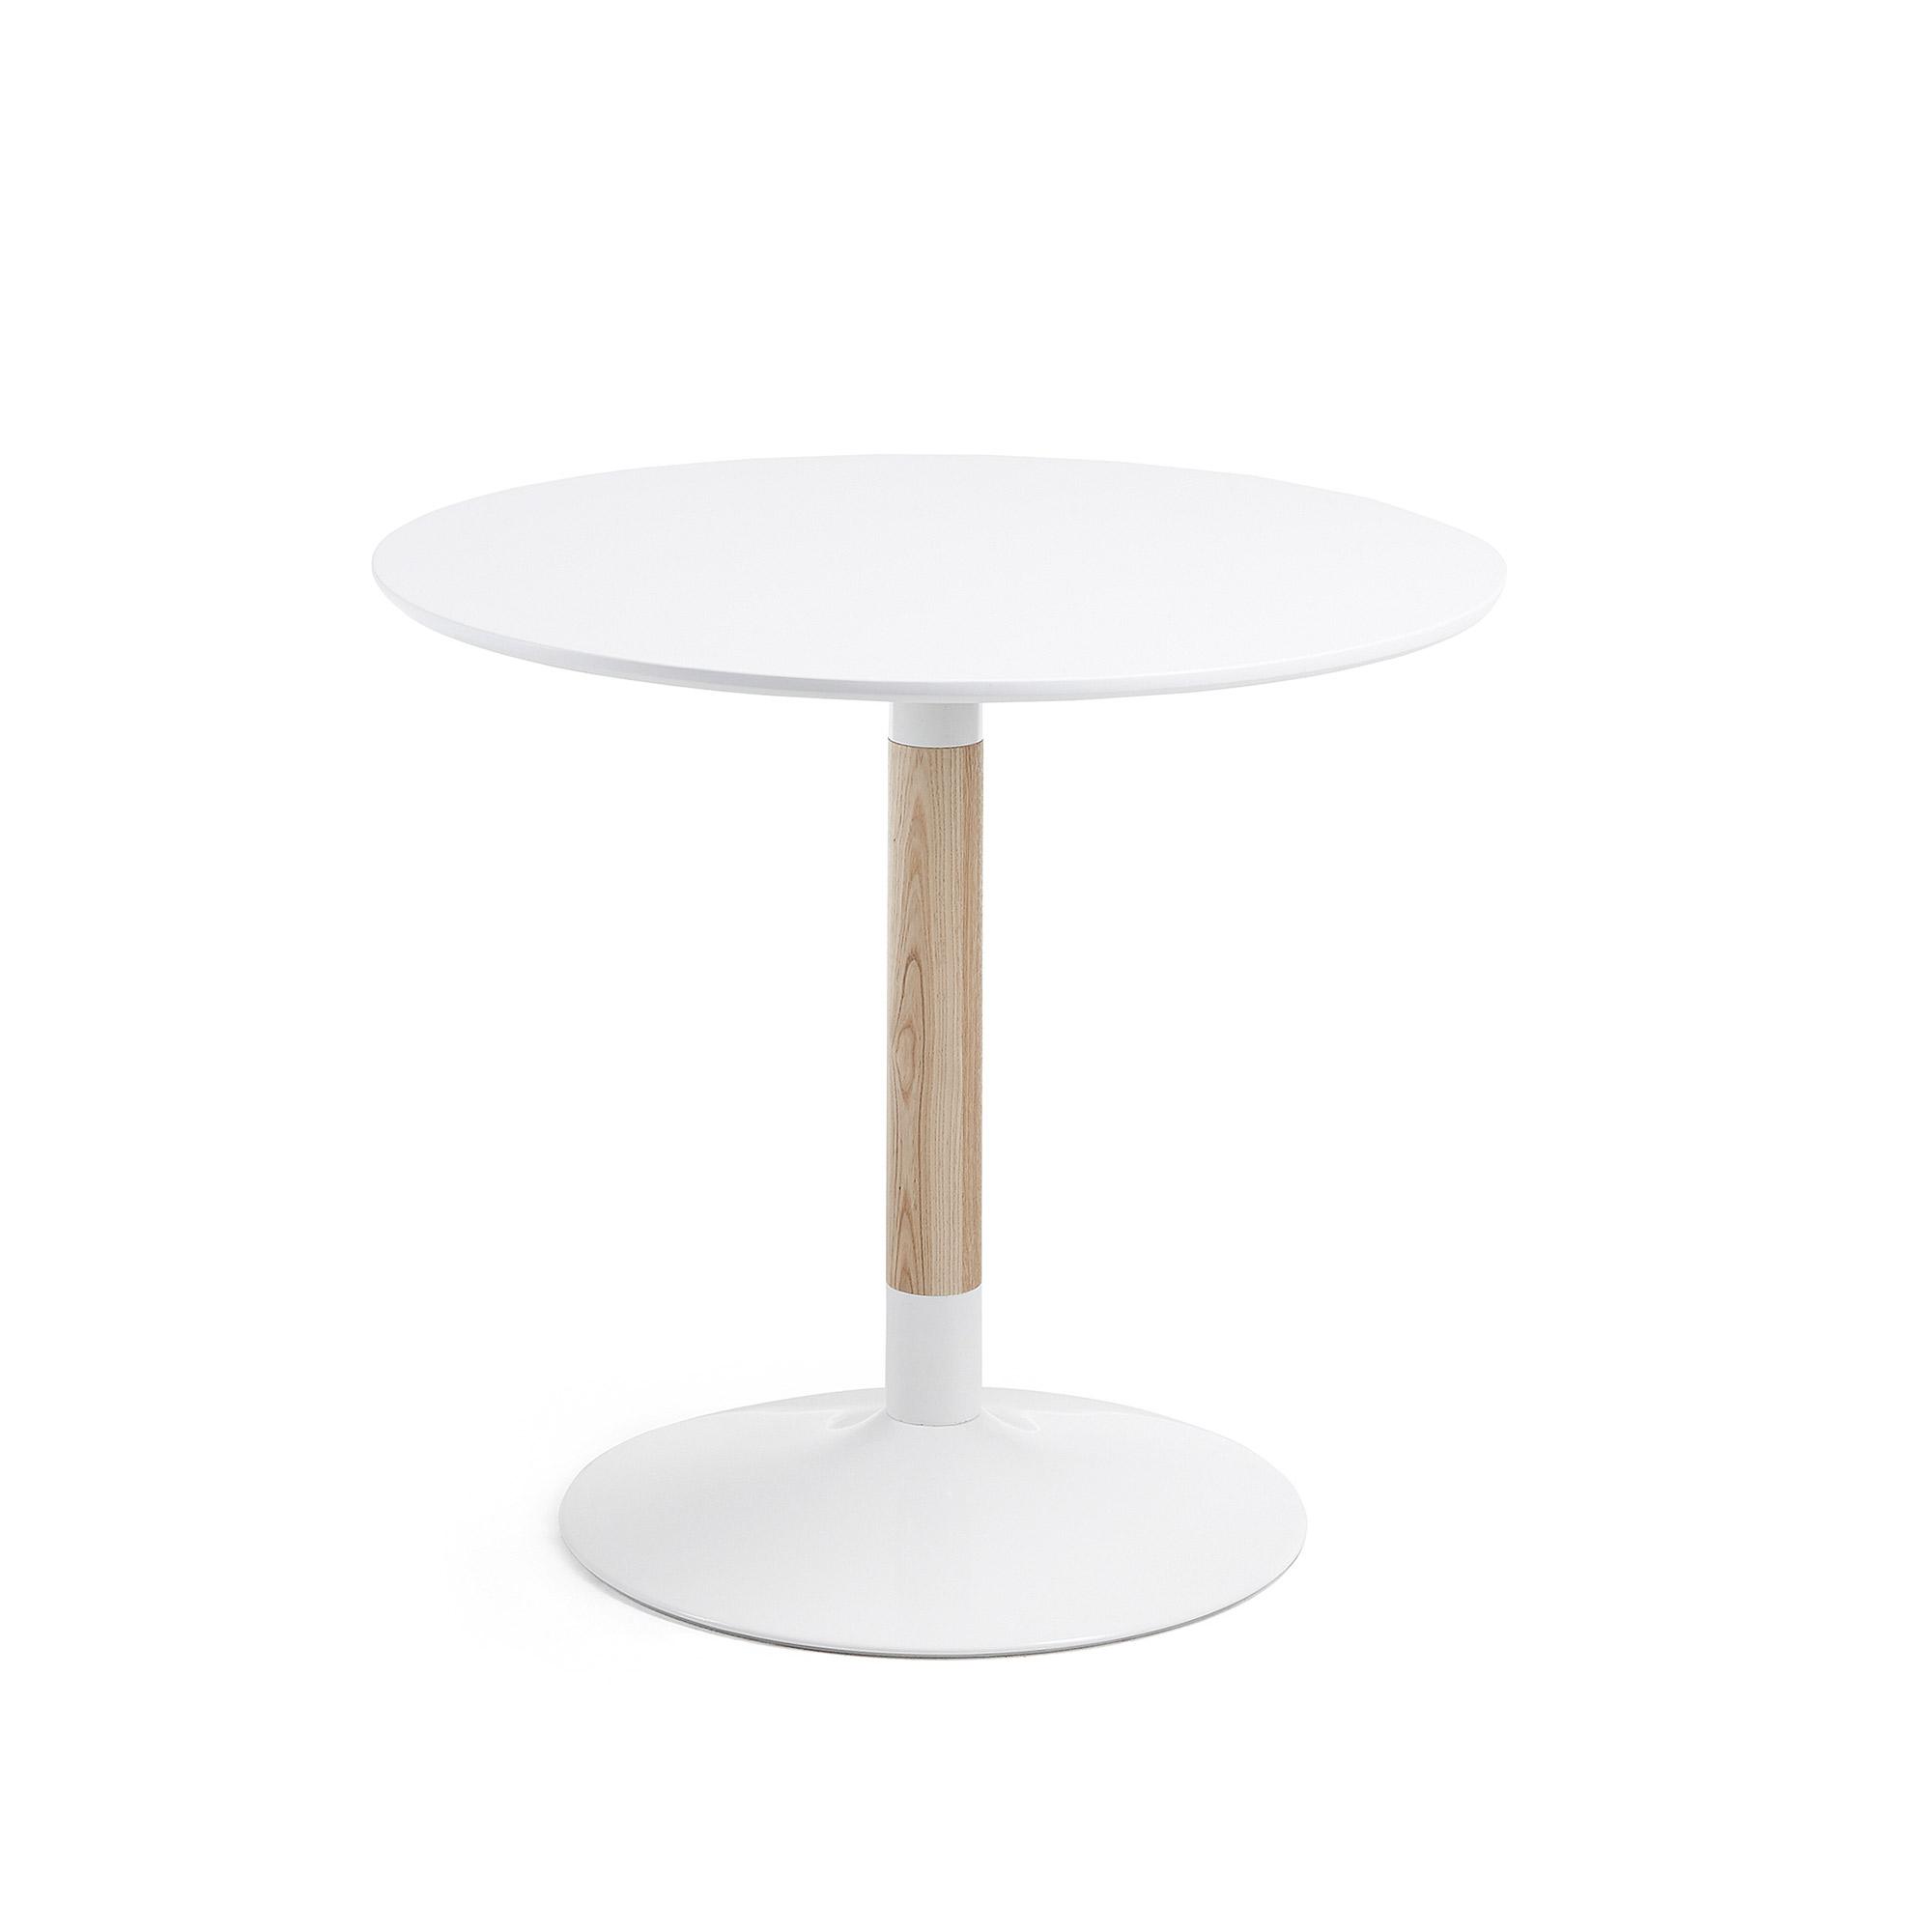 laforma Laforma tic caf?bord - hvid/natur metal/asketræ, rund (ø90) fra boboonline.dk